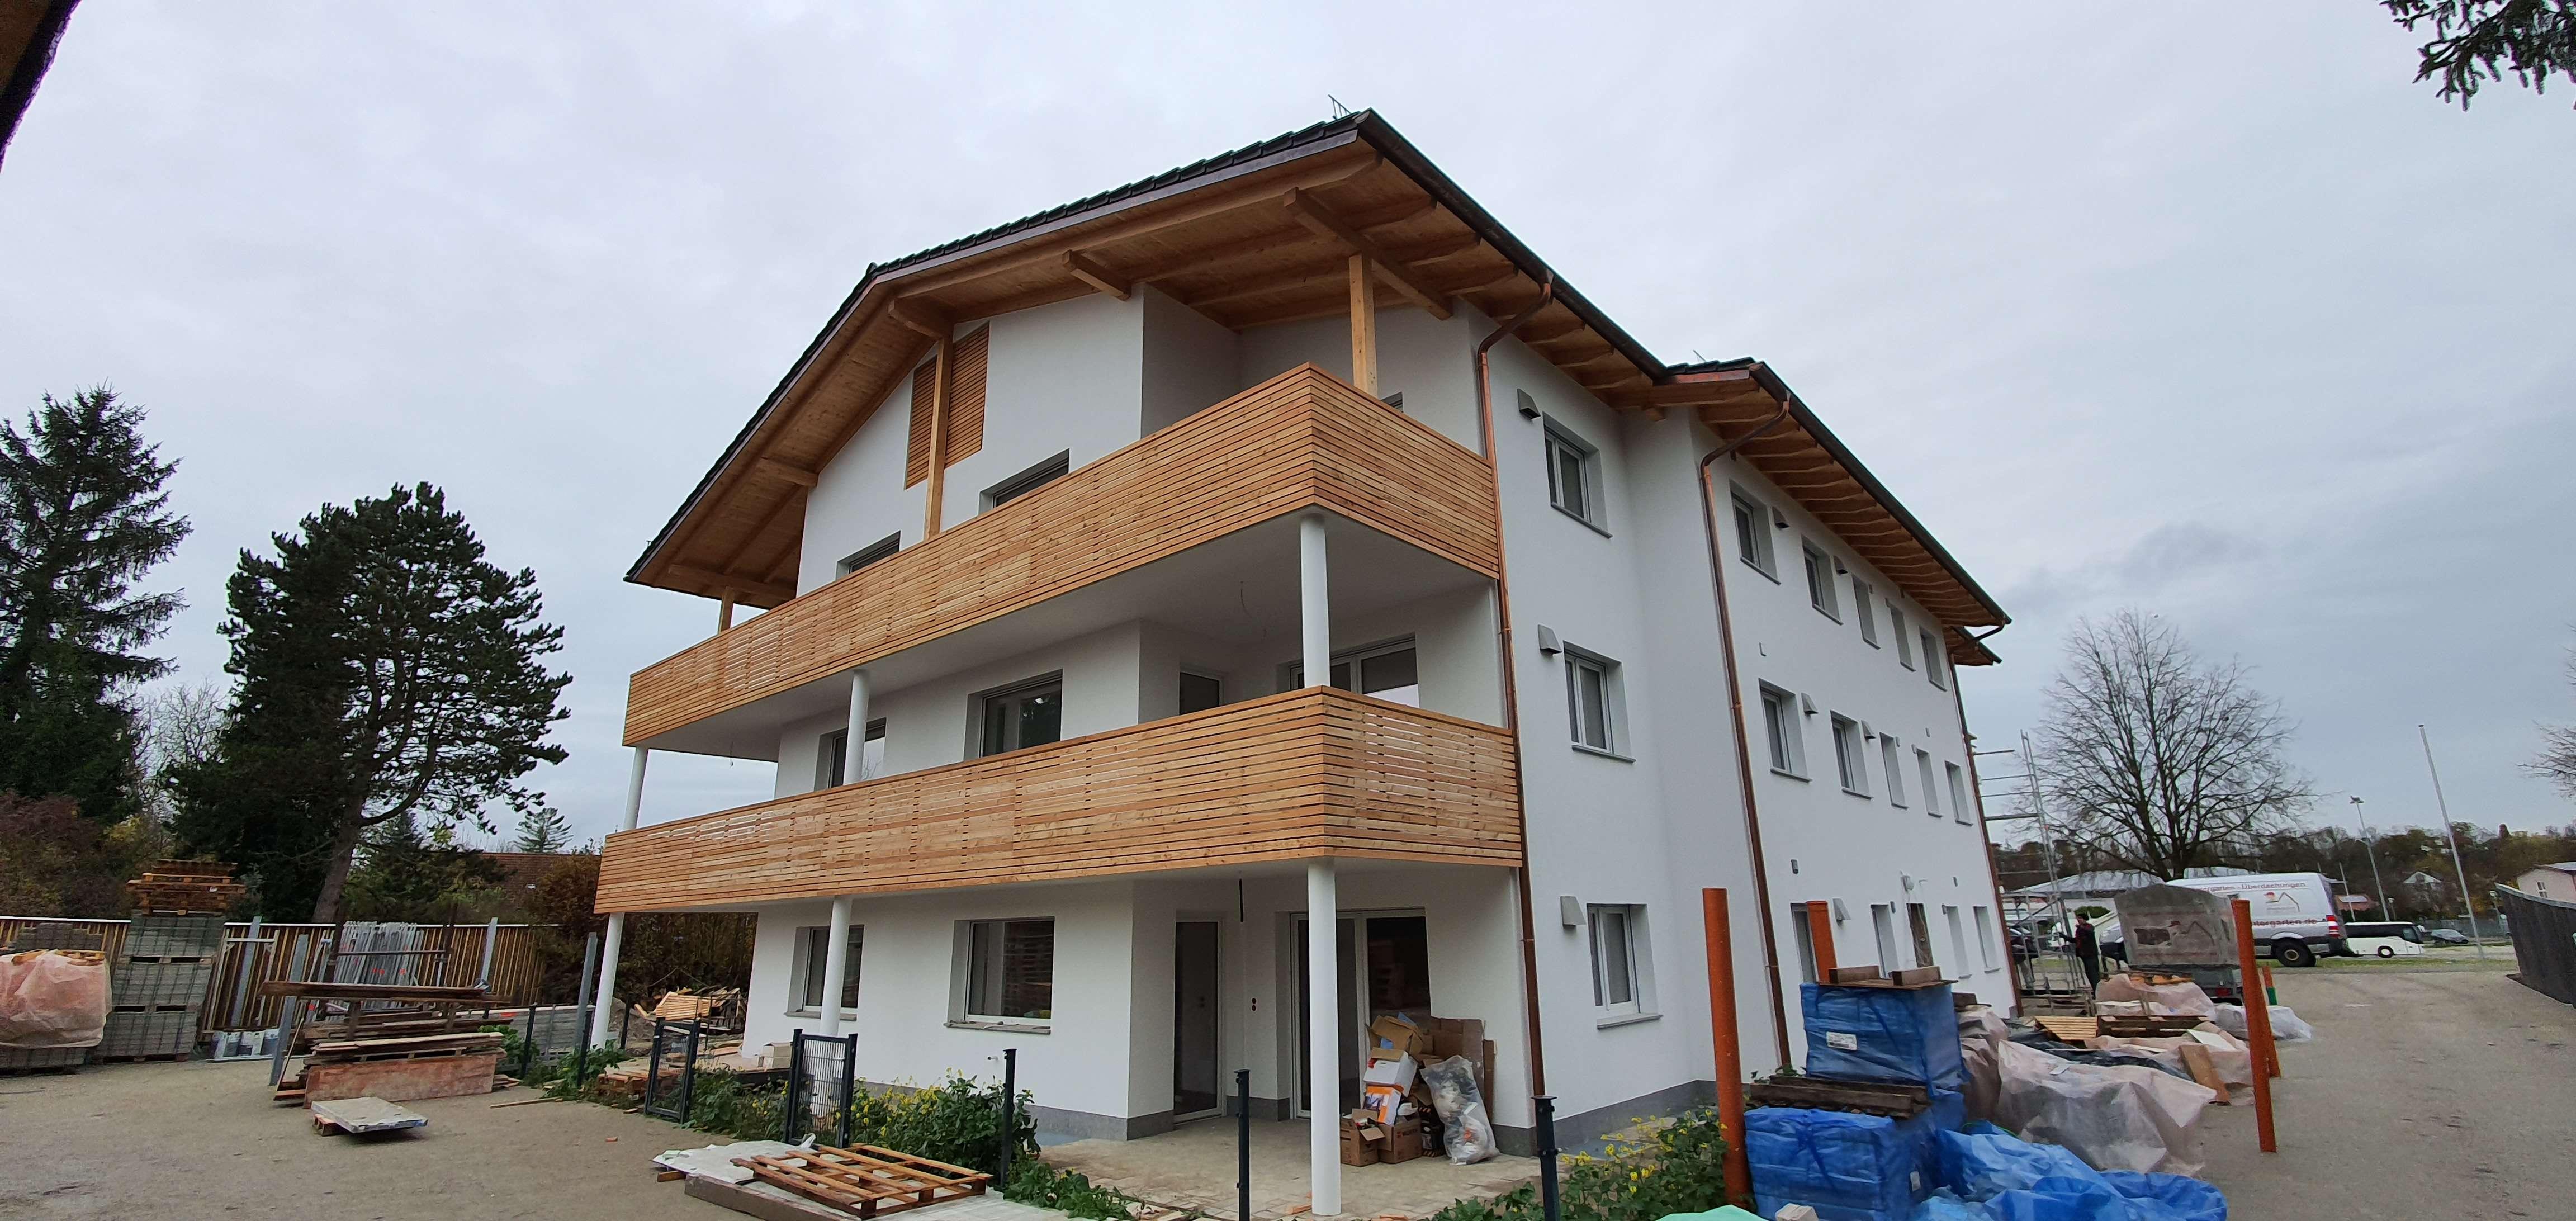 Zentral gelegene Neubau-Wohnung mit großem Süd-Balkon in Mühldorf am Inn